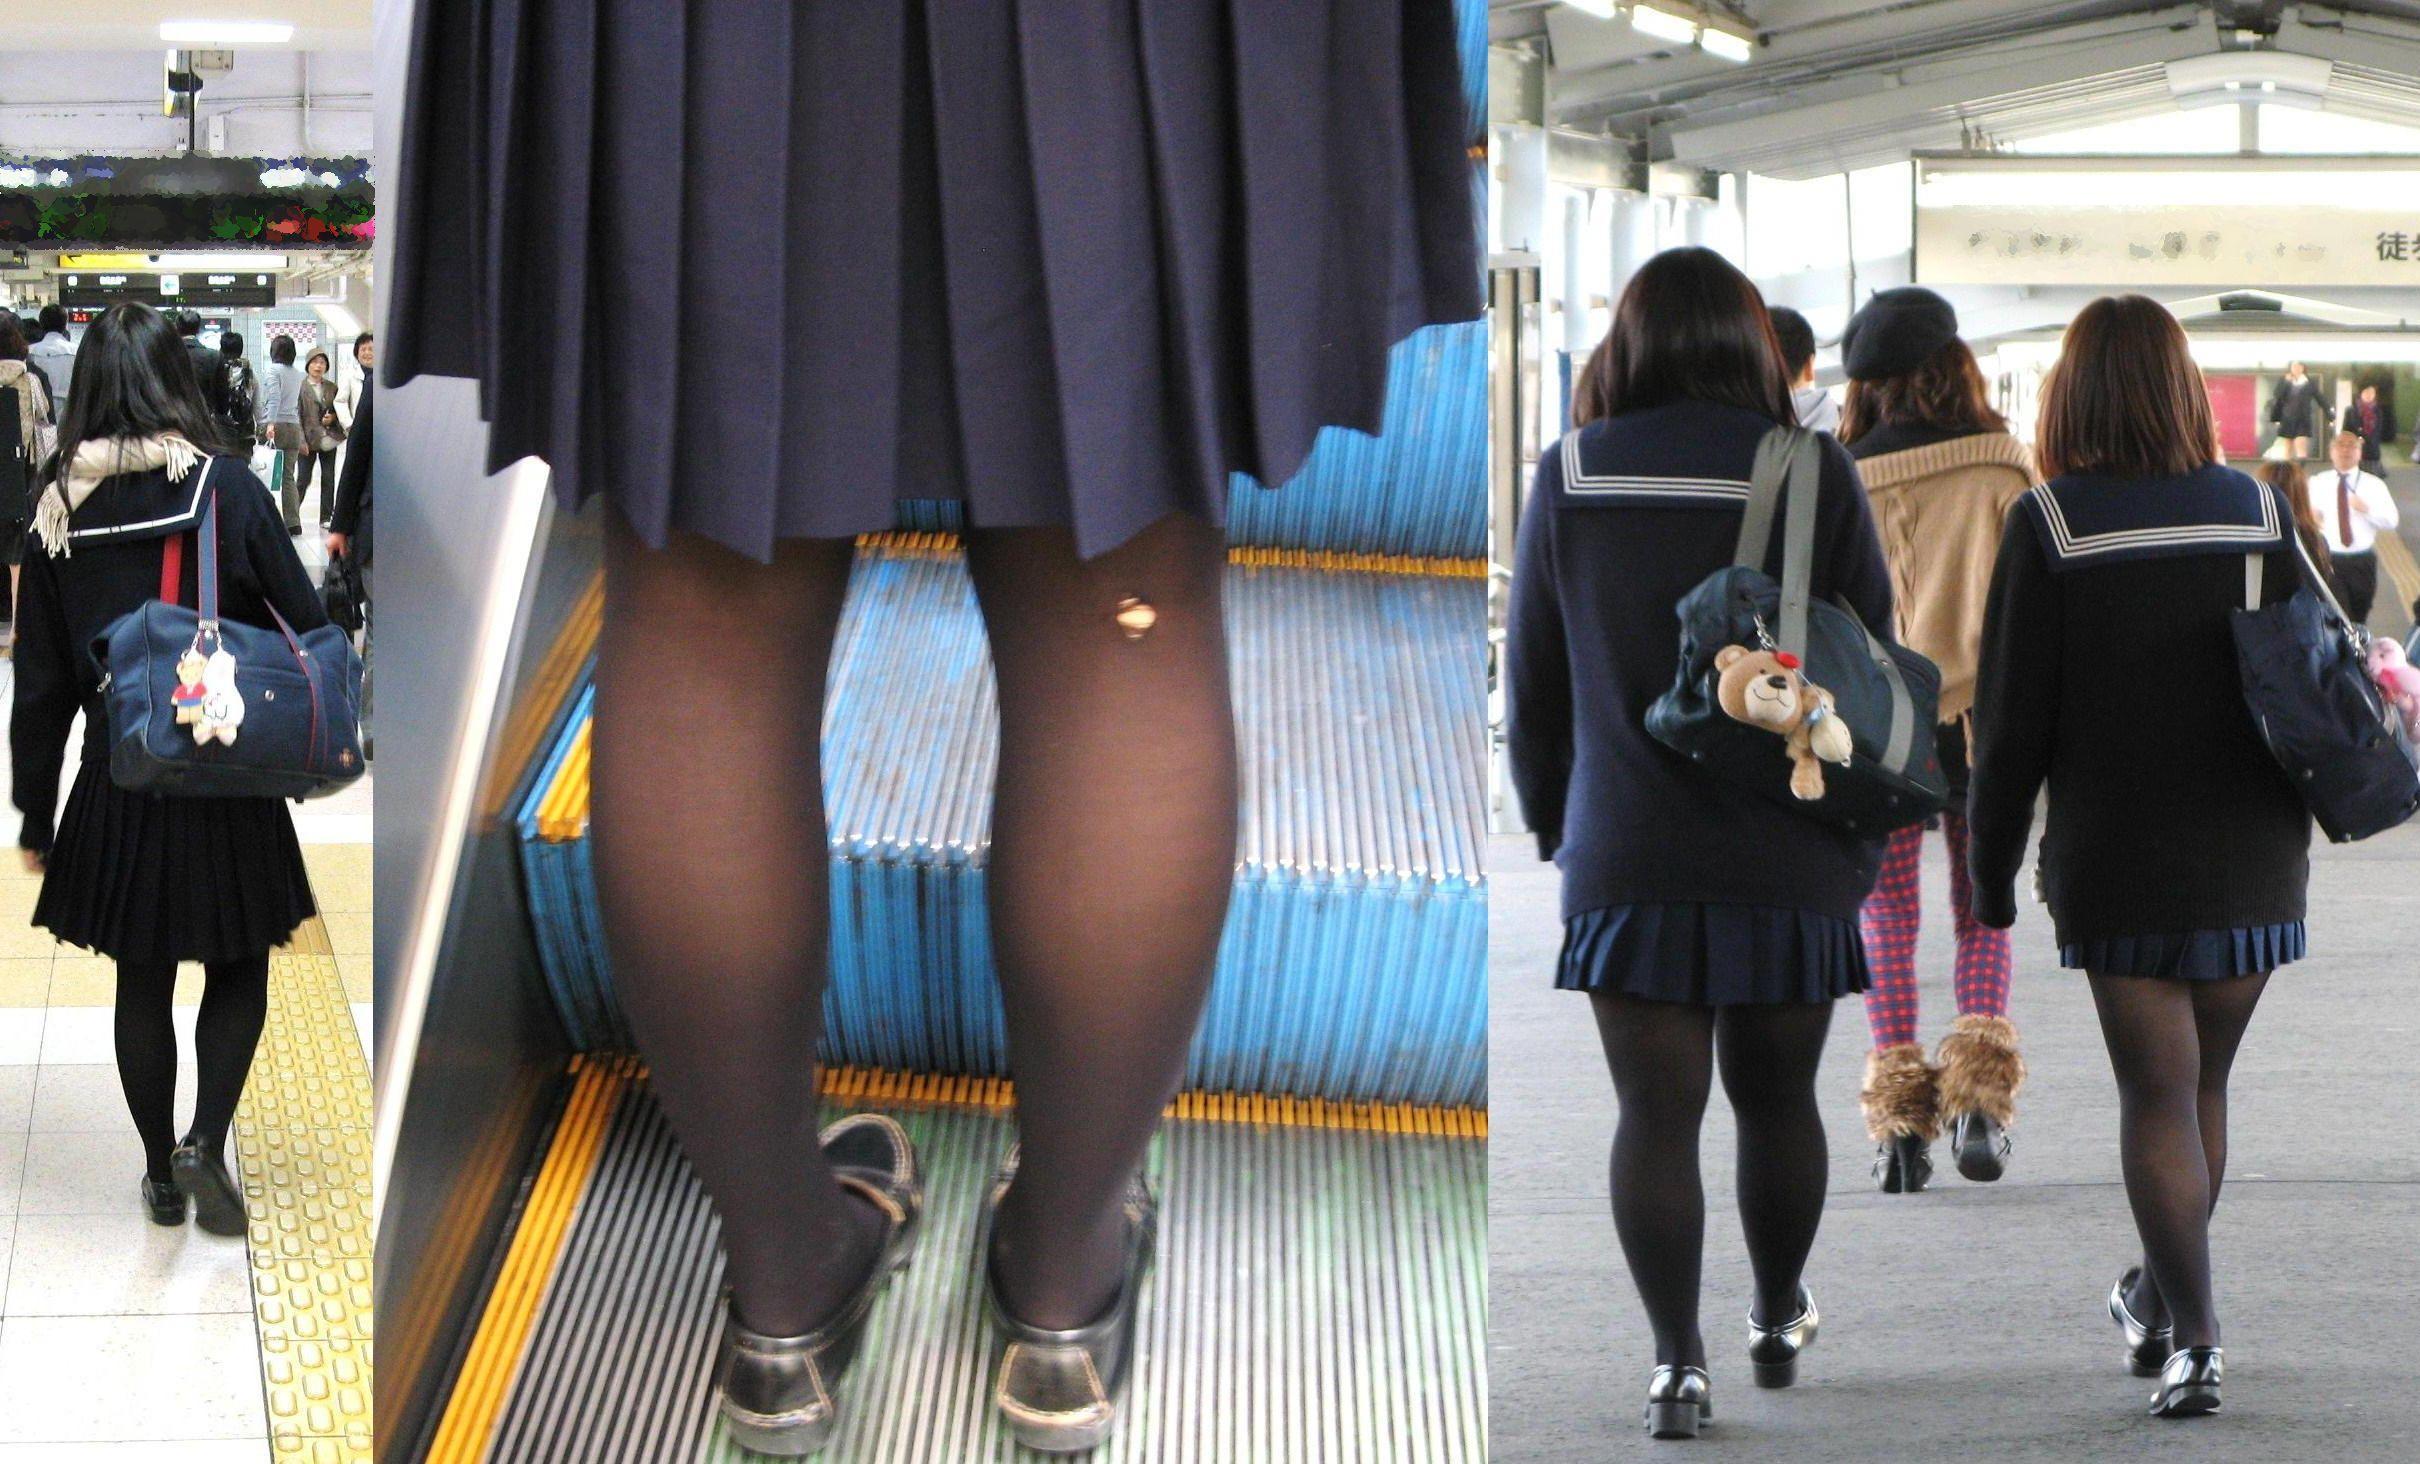 【街撮りJK画像】黒タイツ履いたお嬢様っぽいJKたちの美脚に見とれる画像 12